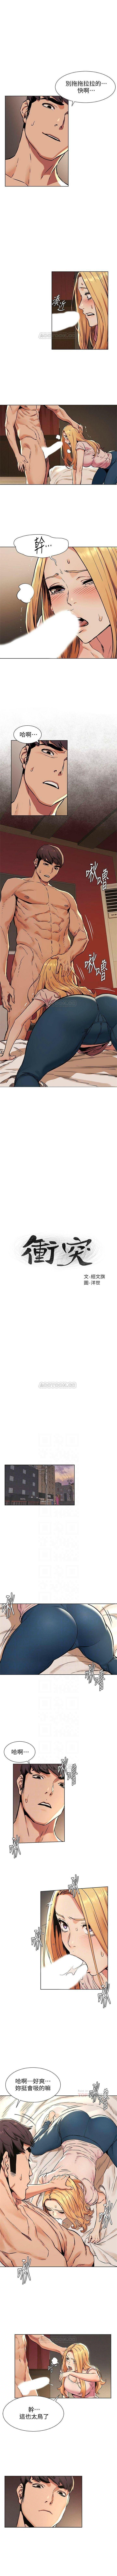 (週5)衝突 1-91 中文翻譯 (更新中) 470